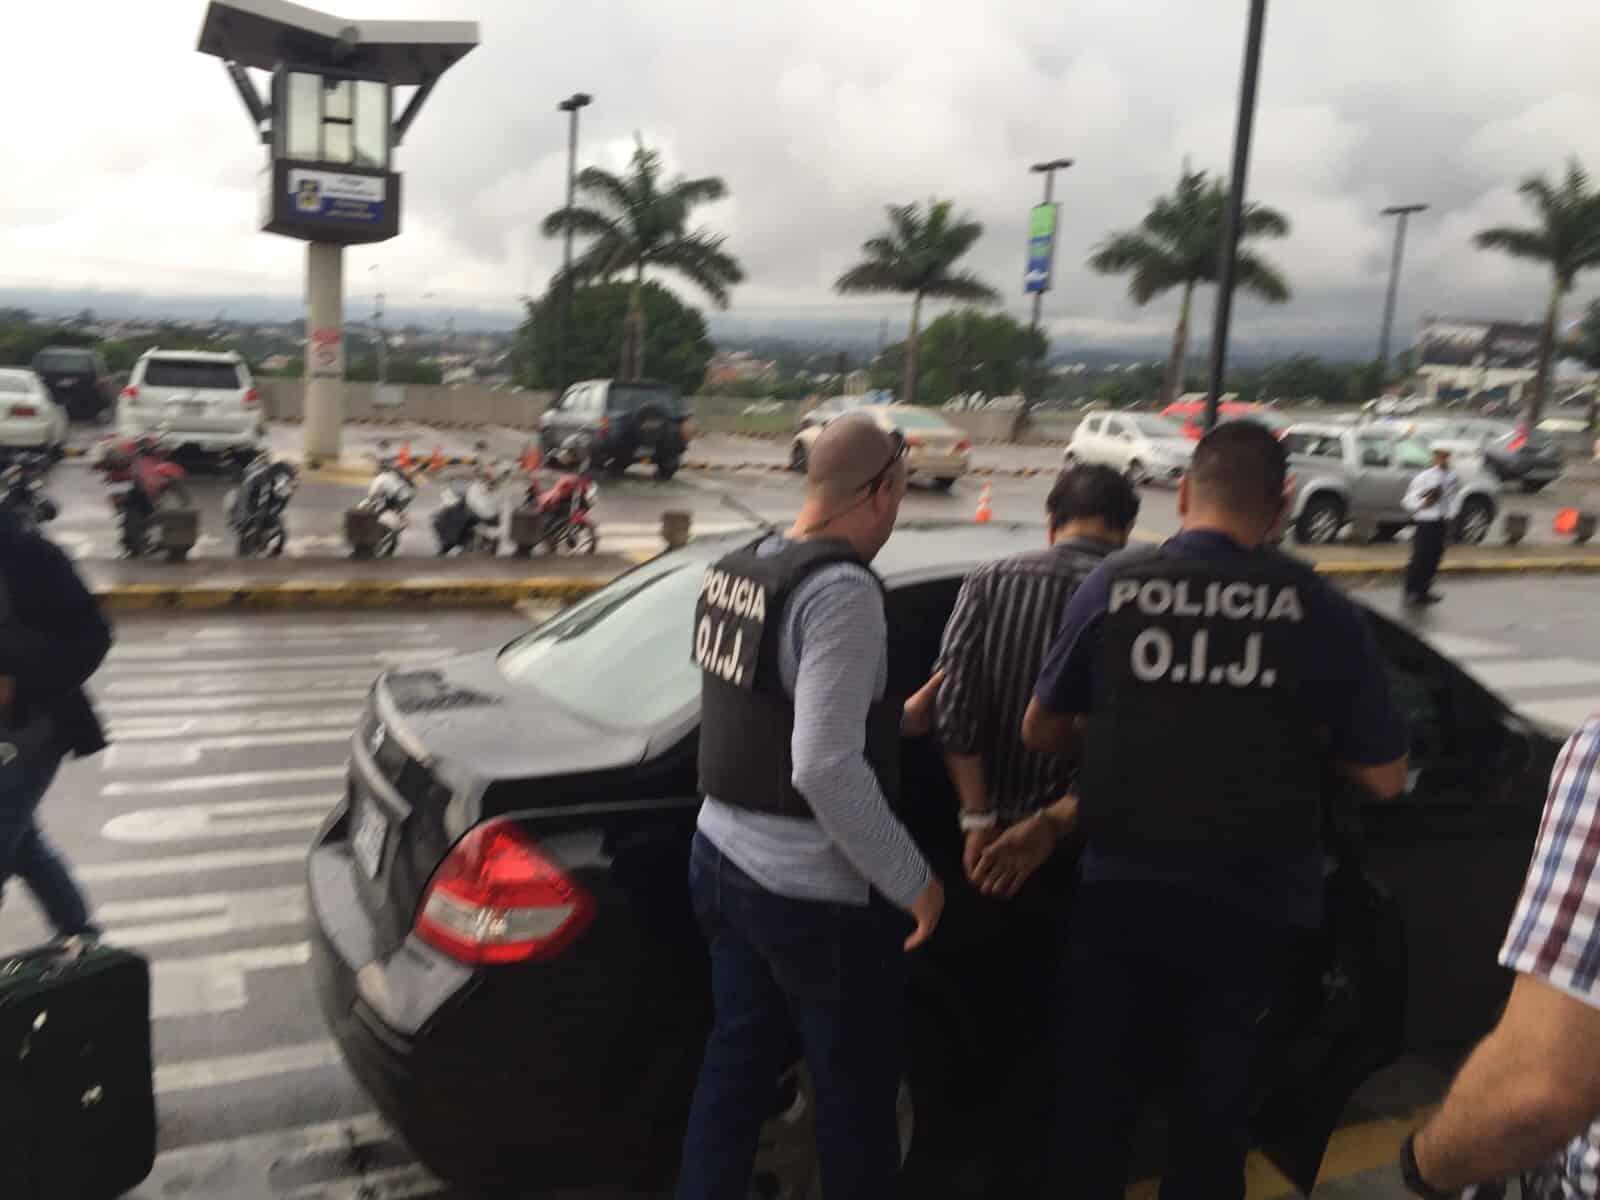 Costa Rica rape suspect arrested